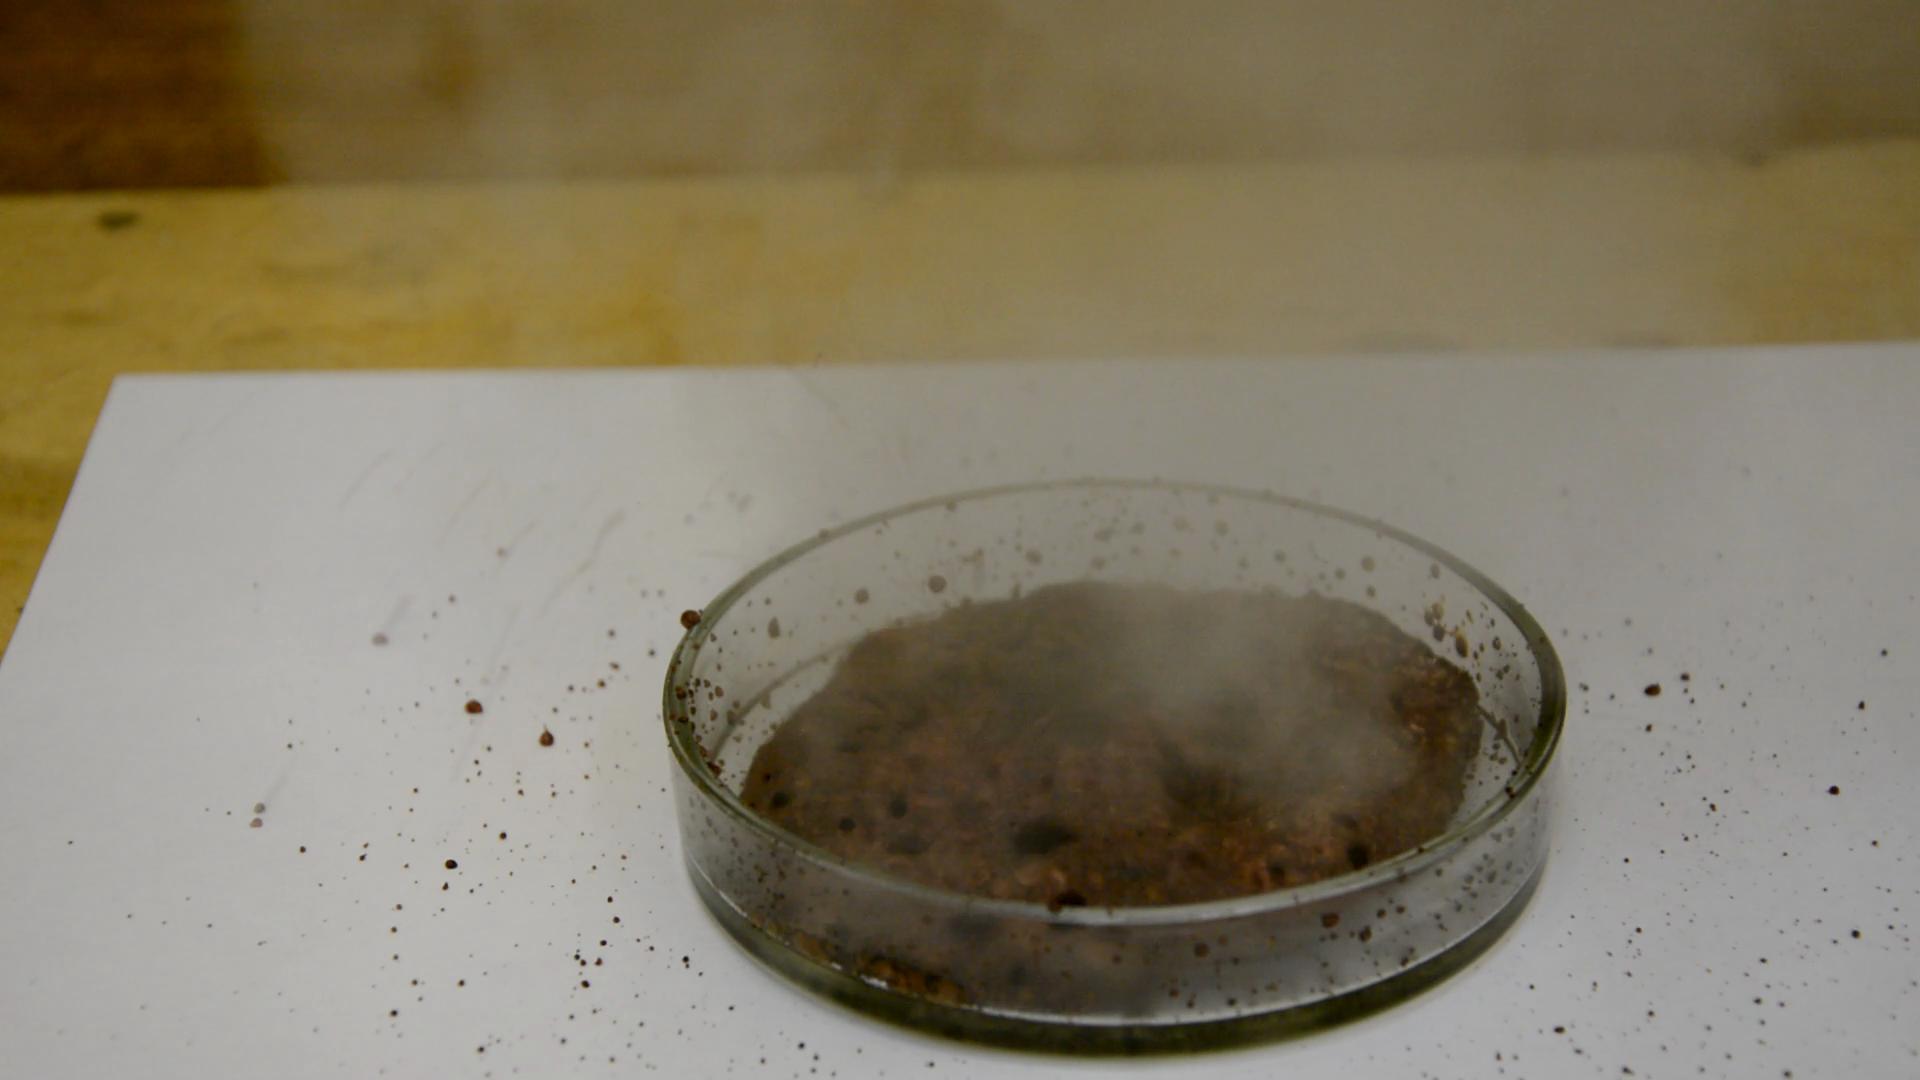 Реакция перманганата калия и щавелевой кислоты